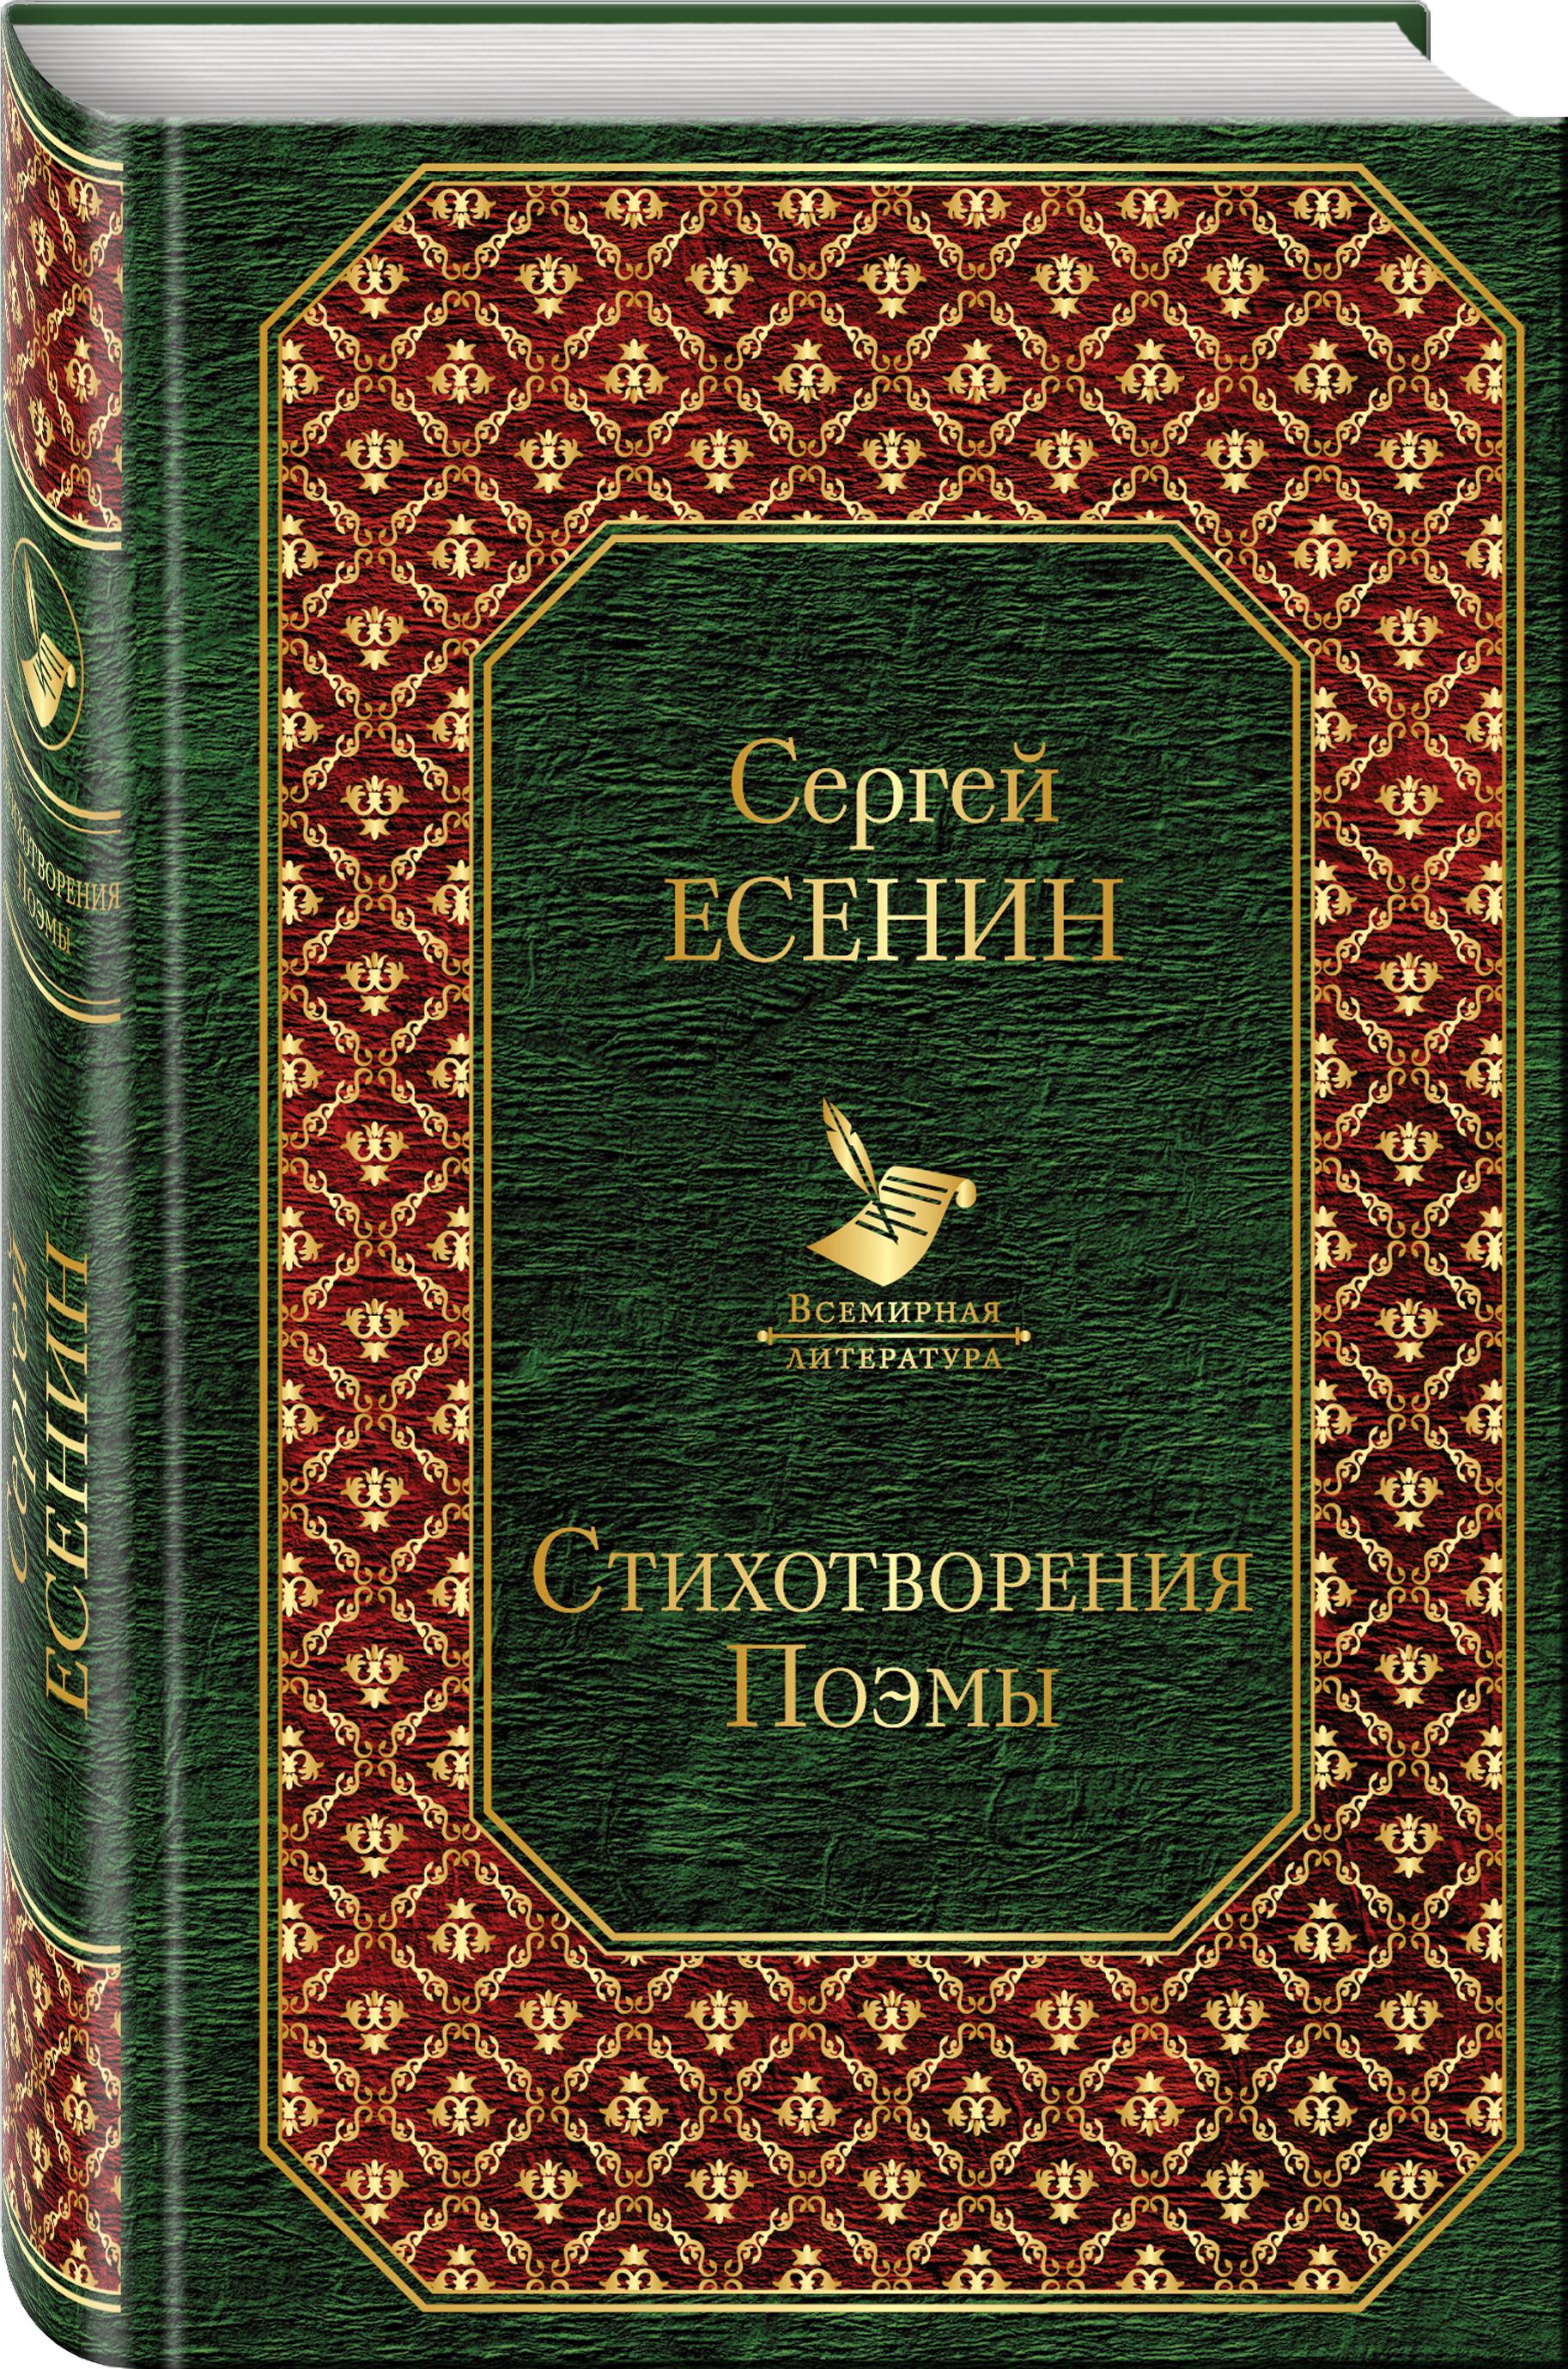 Есенин С.А. Стихотворения. Поэмы  хорошо быть живым стихотворения и переводы